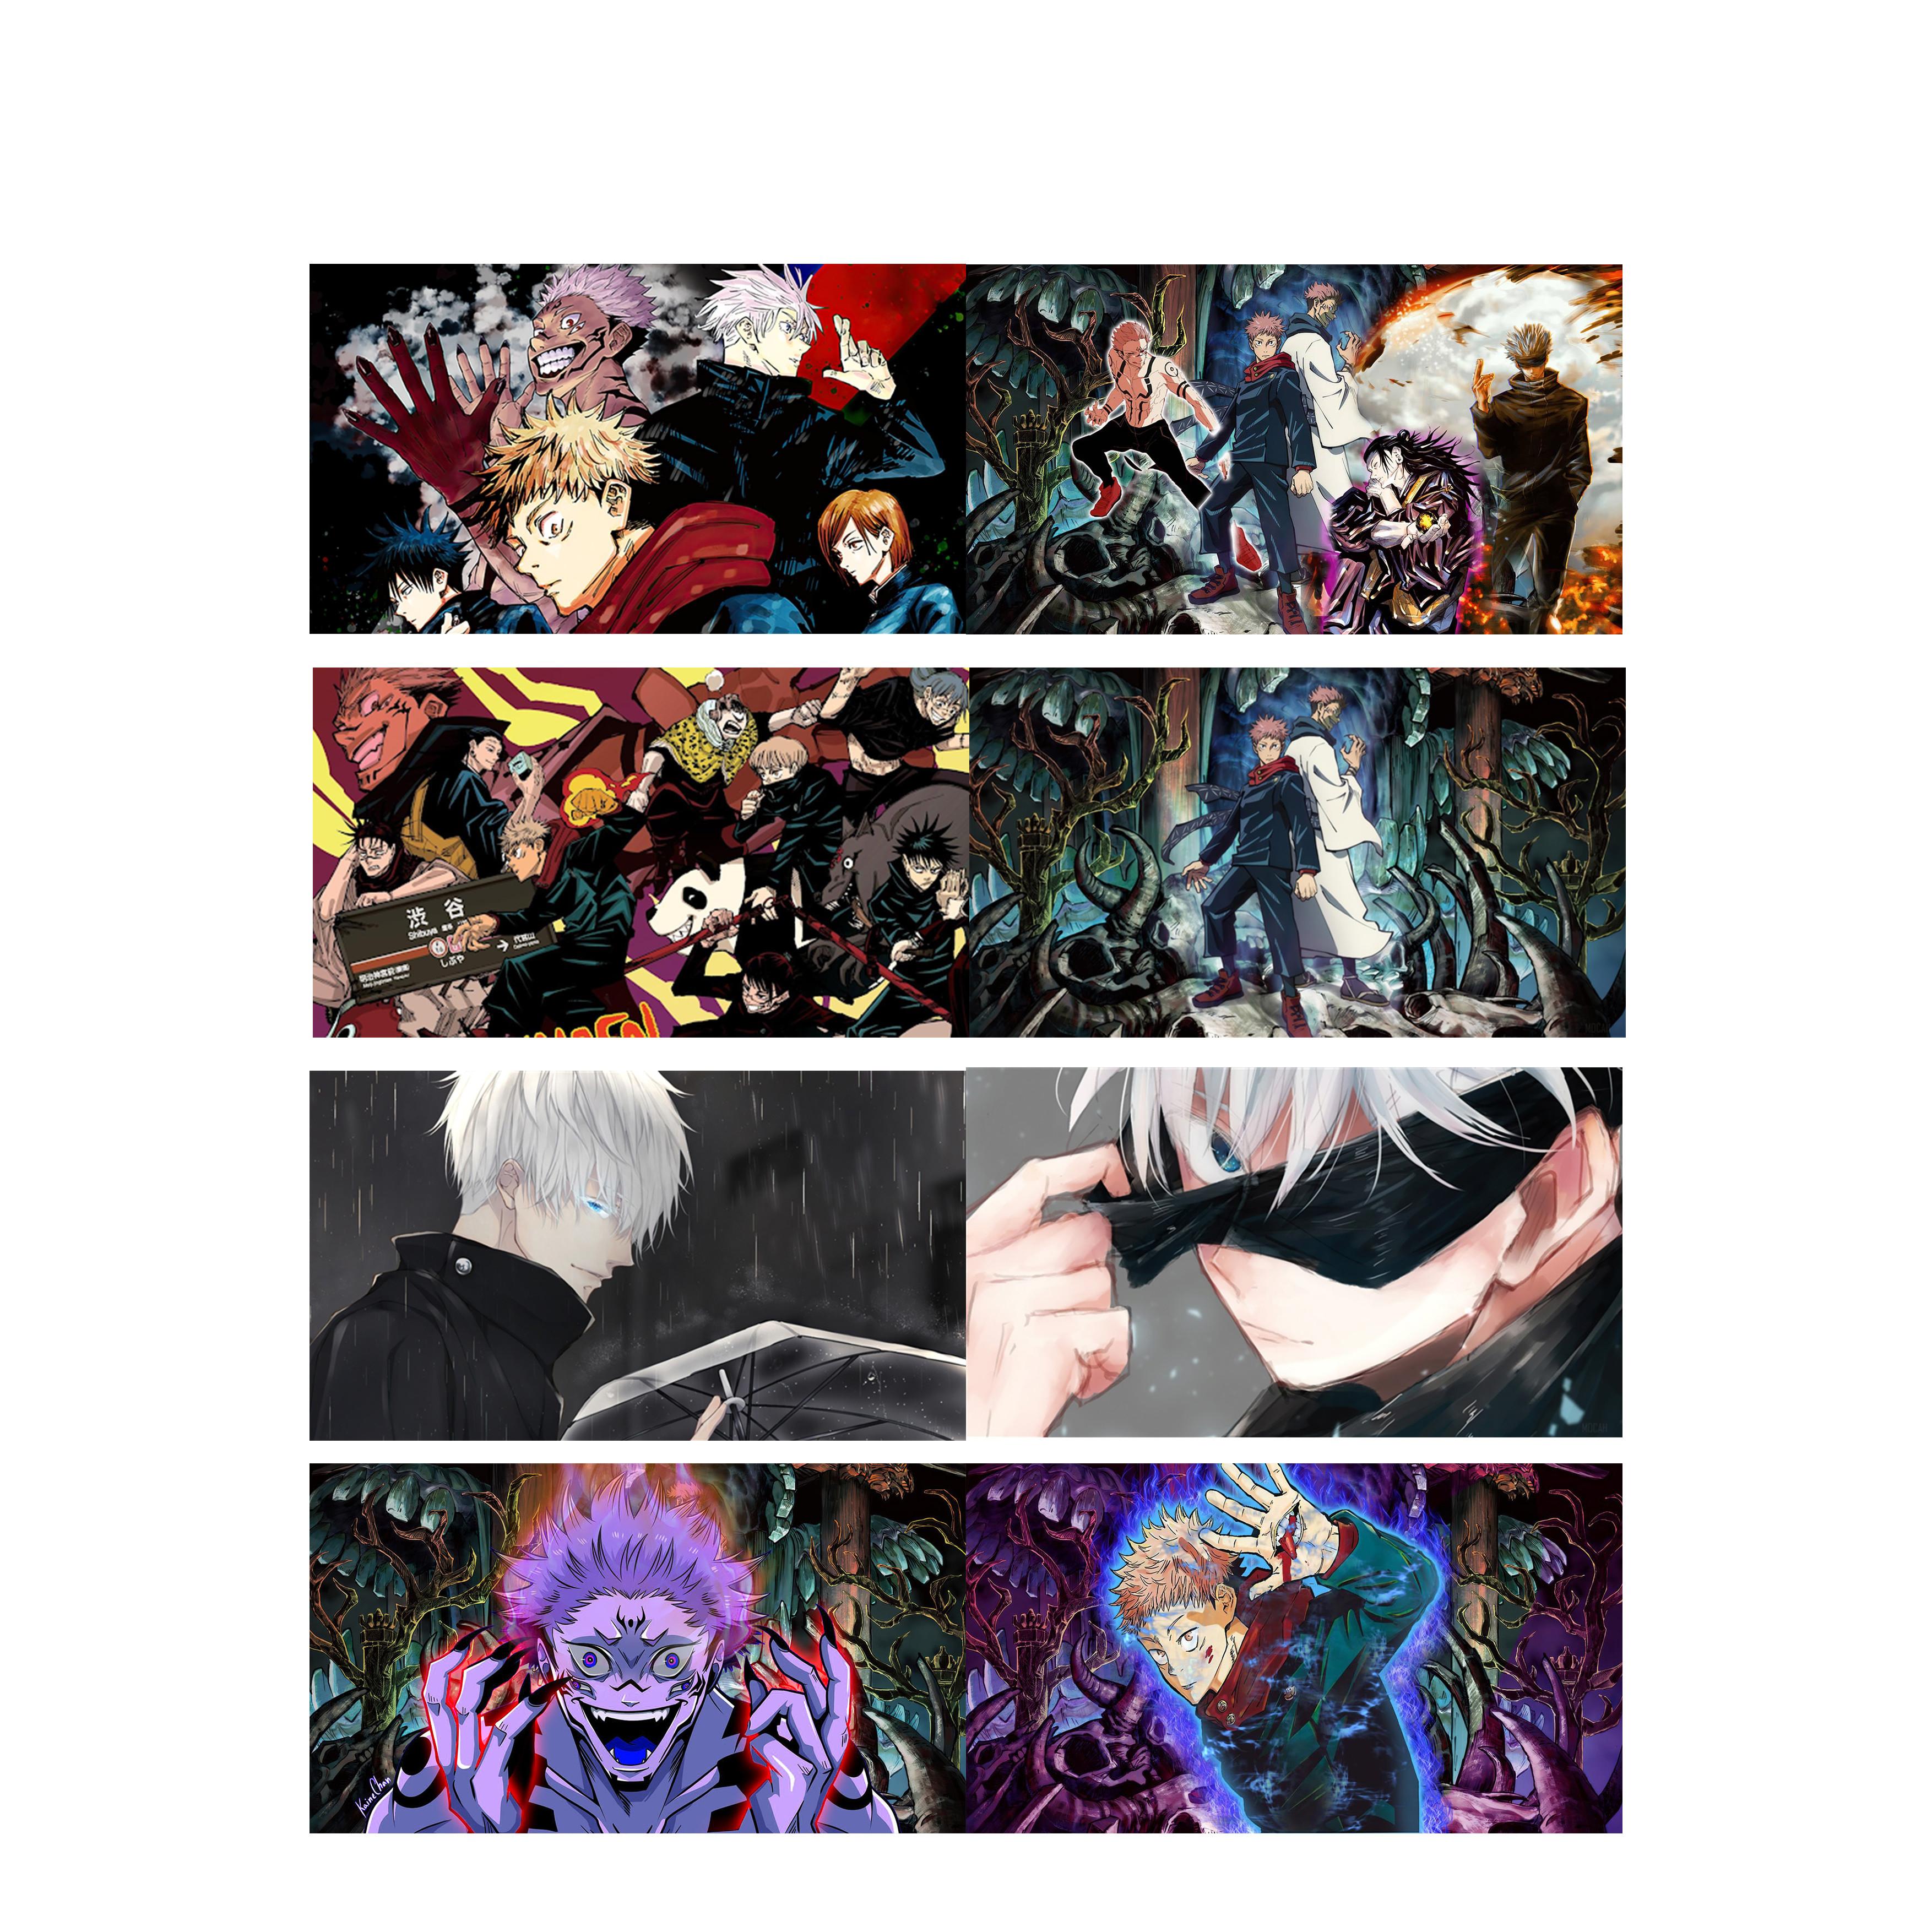 Poster 8 tấm A4 JUJUTSU KAISEN CHÚ THUẬT HỒI CHIẾN anime tranh treo album ảnh in hình đẹp (MẪU GIAO NGẪU NHIÊN)